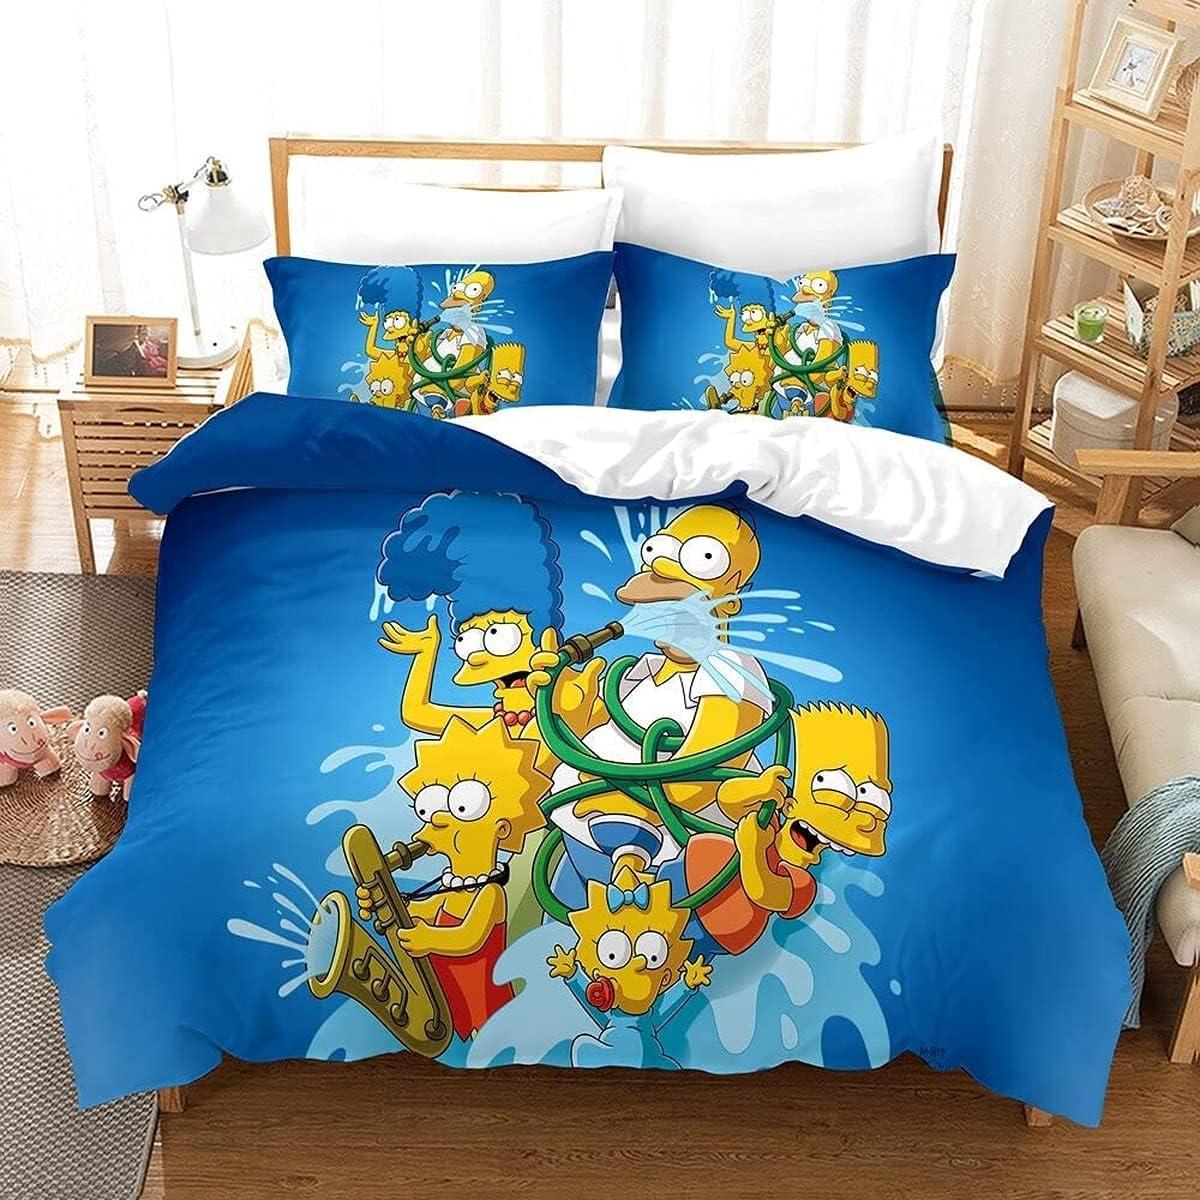 KMTSYD Simpson - Juego de ropa de cama infantil, diseño de Simpson, funda de edredón, impresión digital 3D, fácil de limpiar (6,200 x 200 cm + 50 x 75 cm x 2)